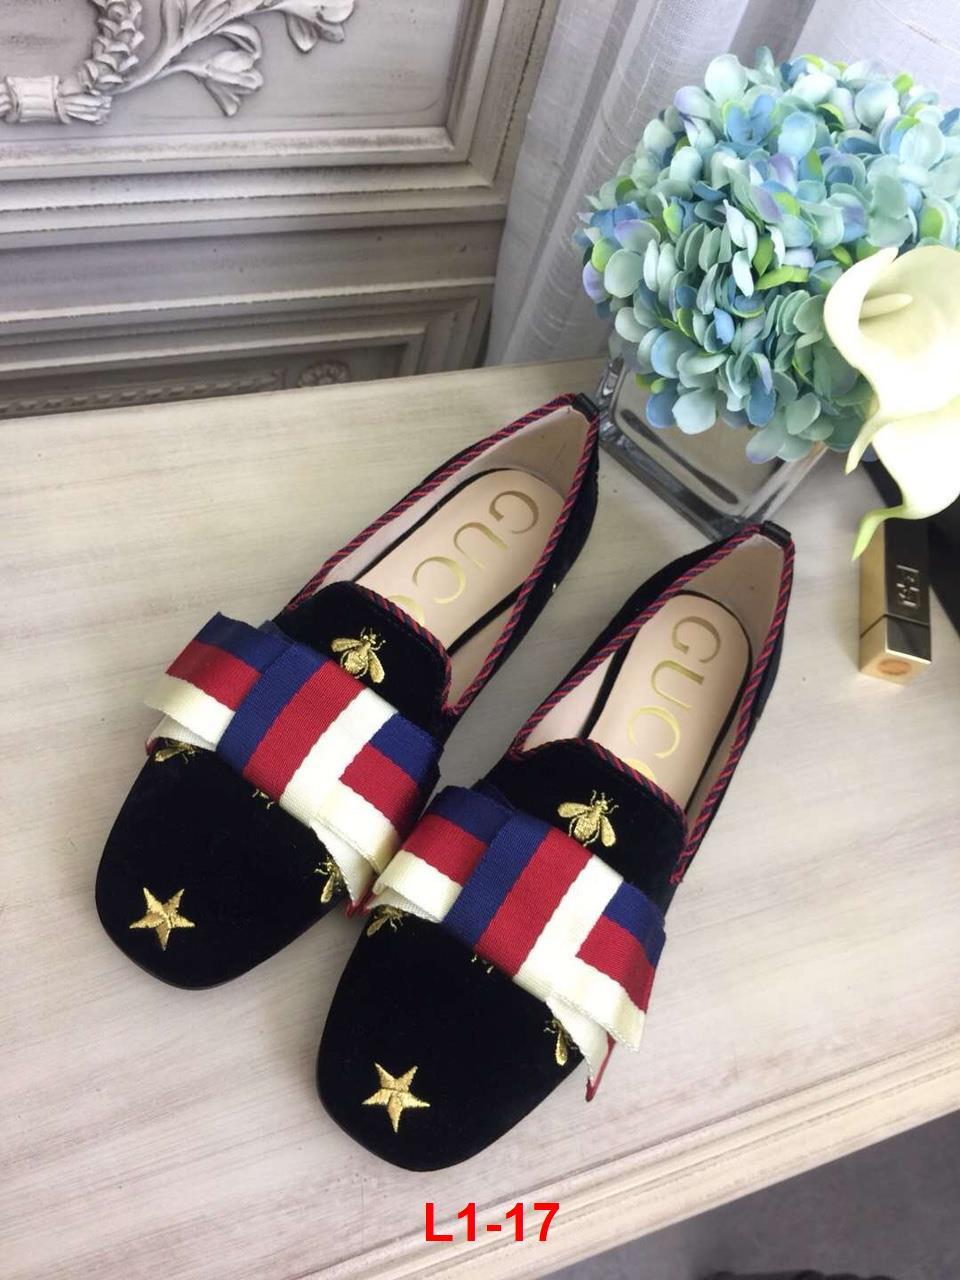 L1-17 Gucci giày lười siêu cấp